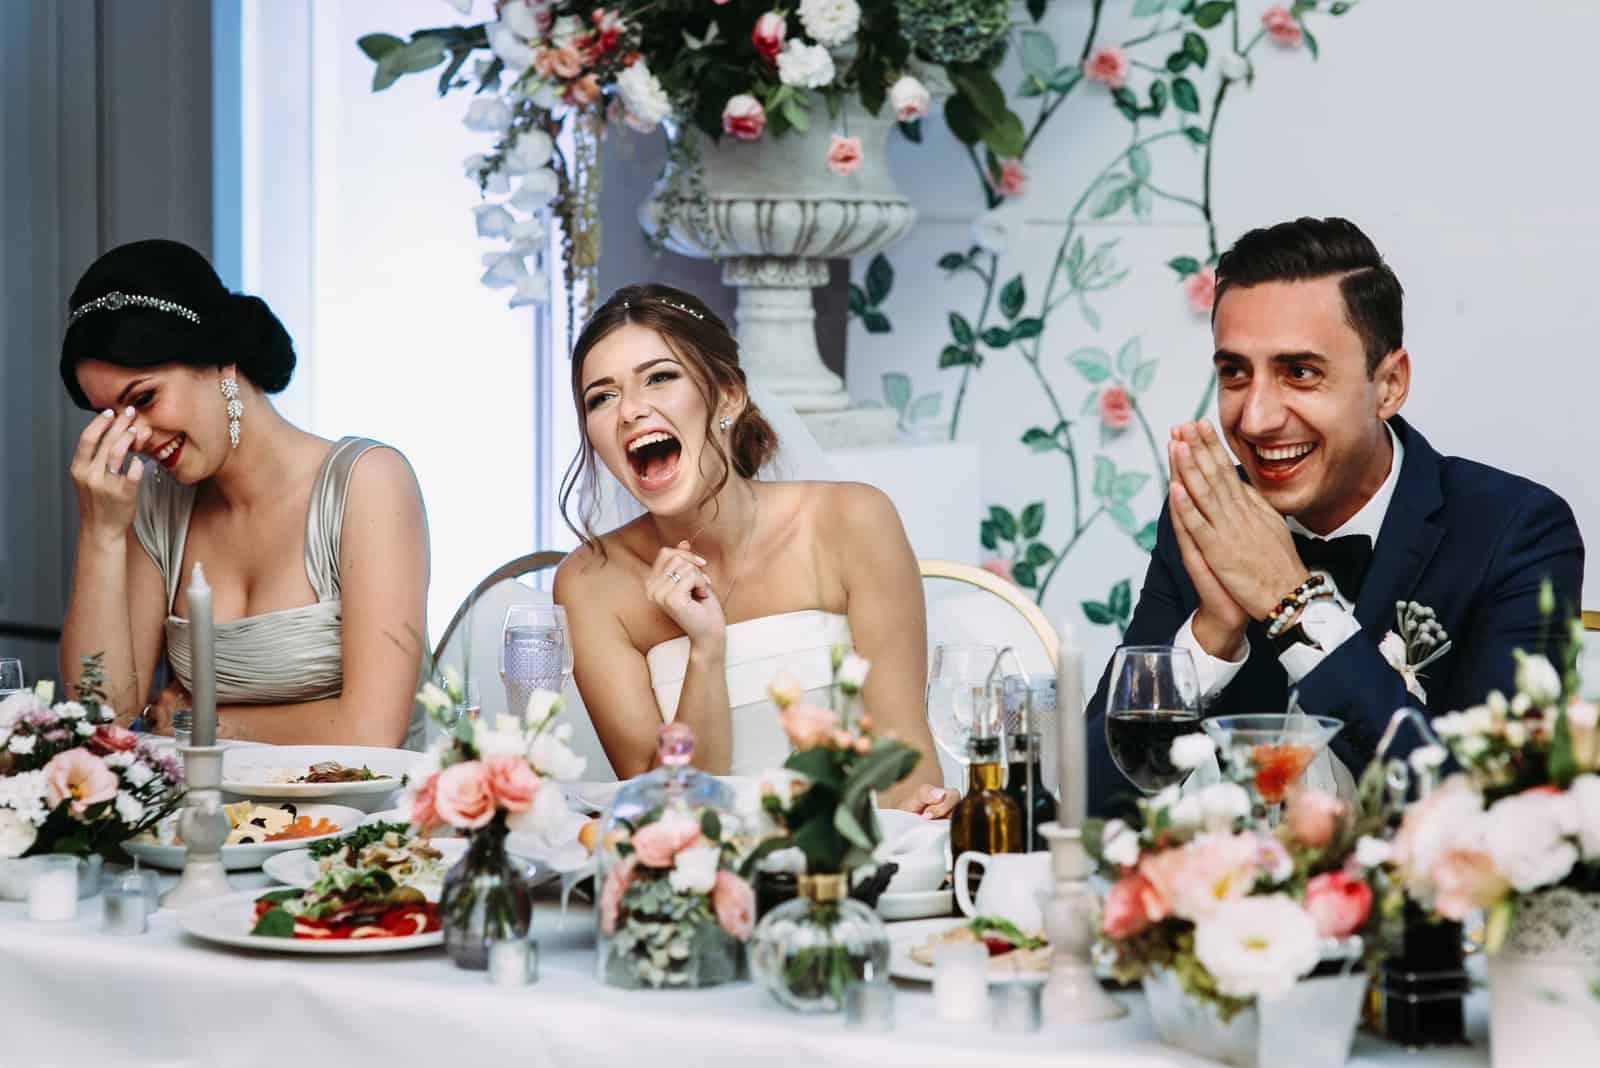 Emotionales schönes Brautpaar, das bei der Hochzeit lächelt